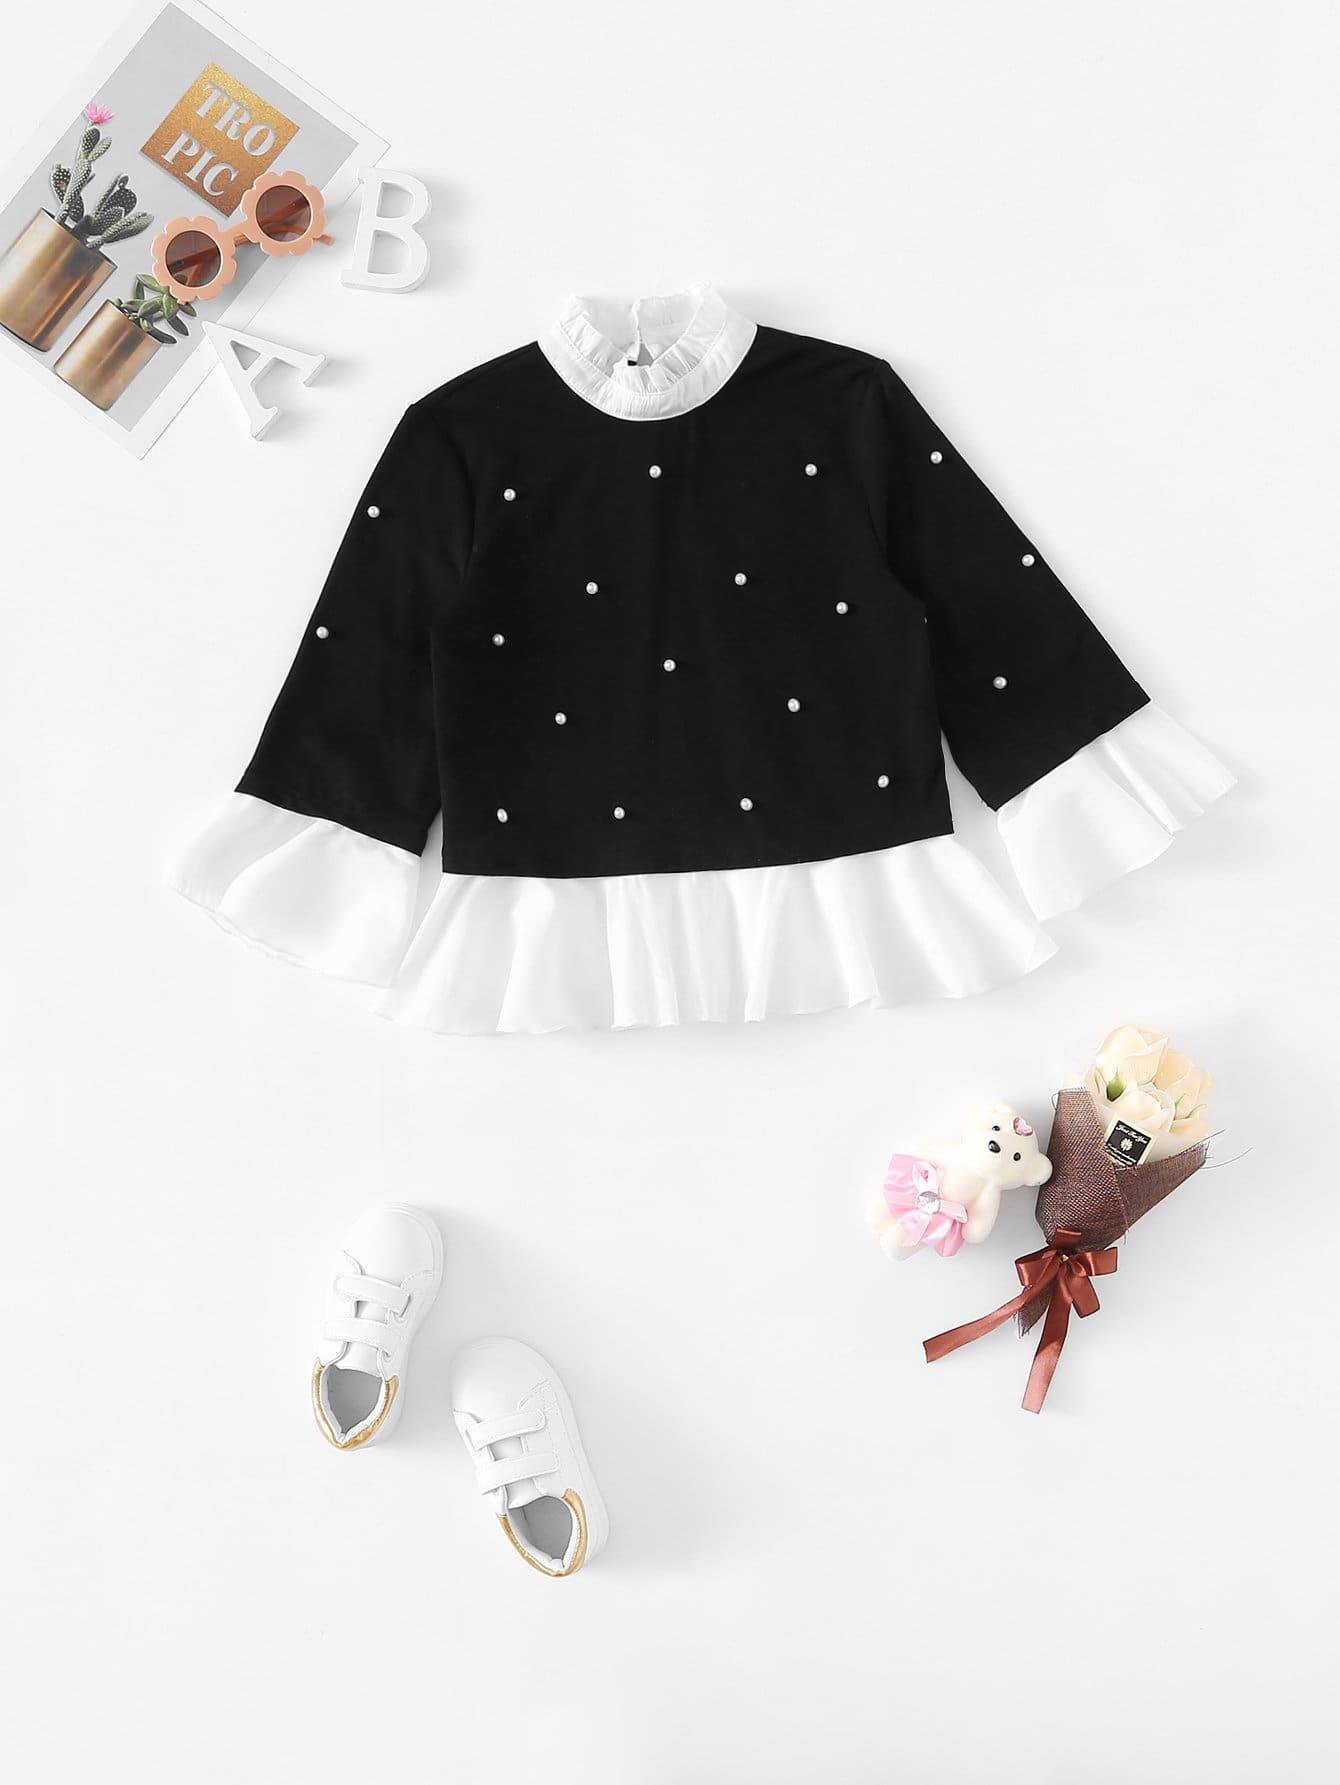 Купить Асимметричная блуза с украшением жемчугов для девочки, null, SheIn